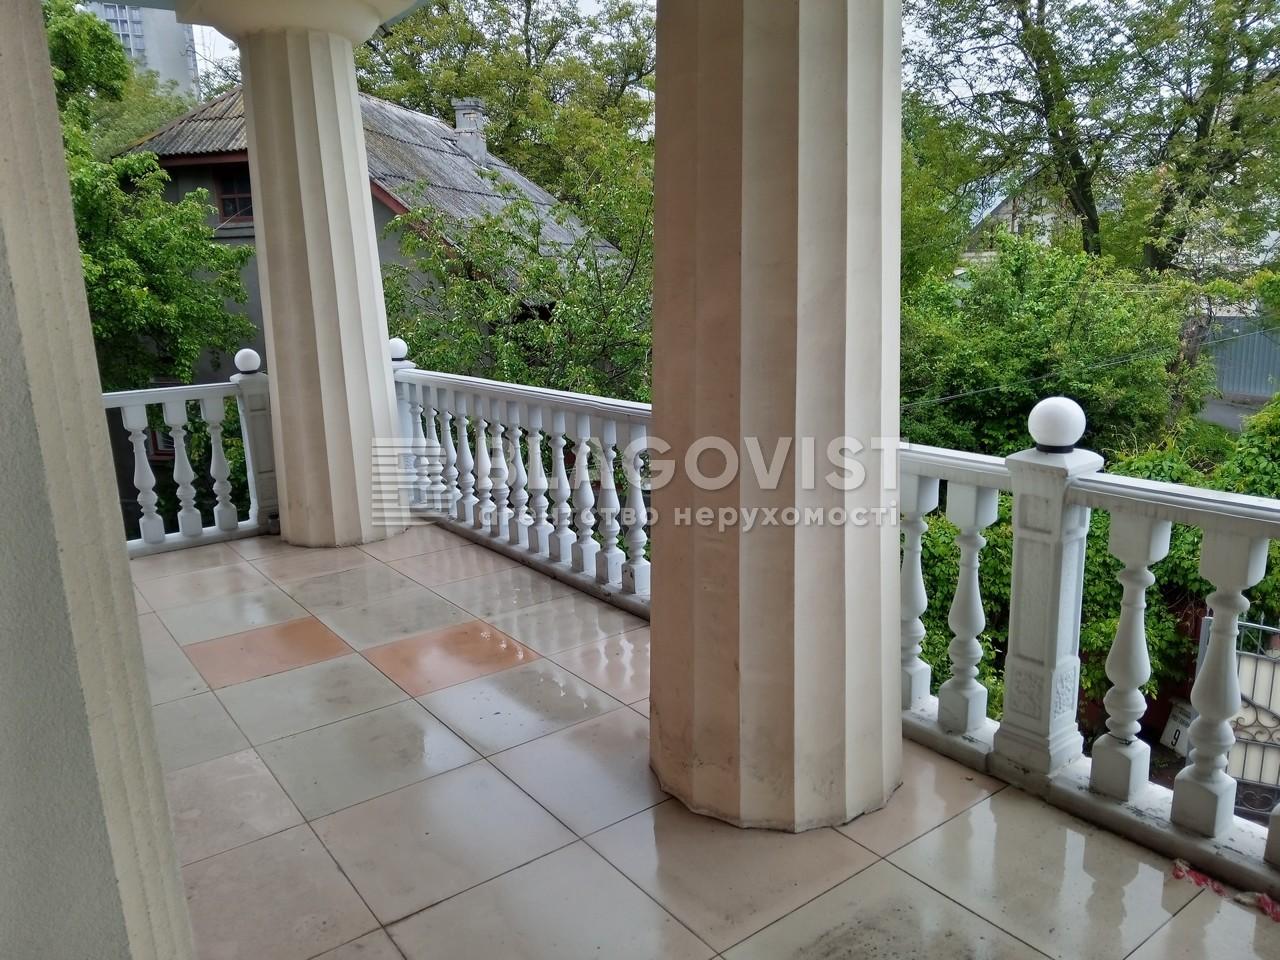 Будинок R-40483, Монтажників, Київ - Фото 34